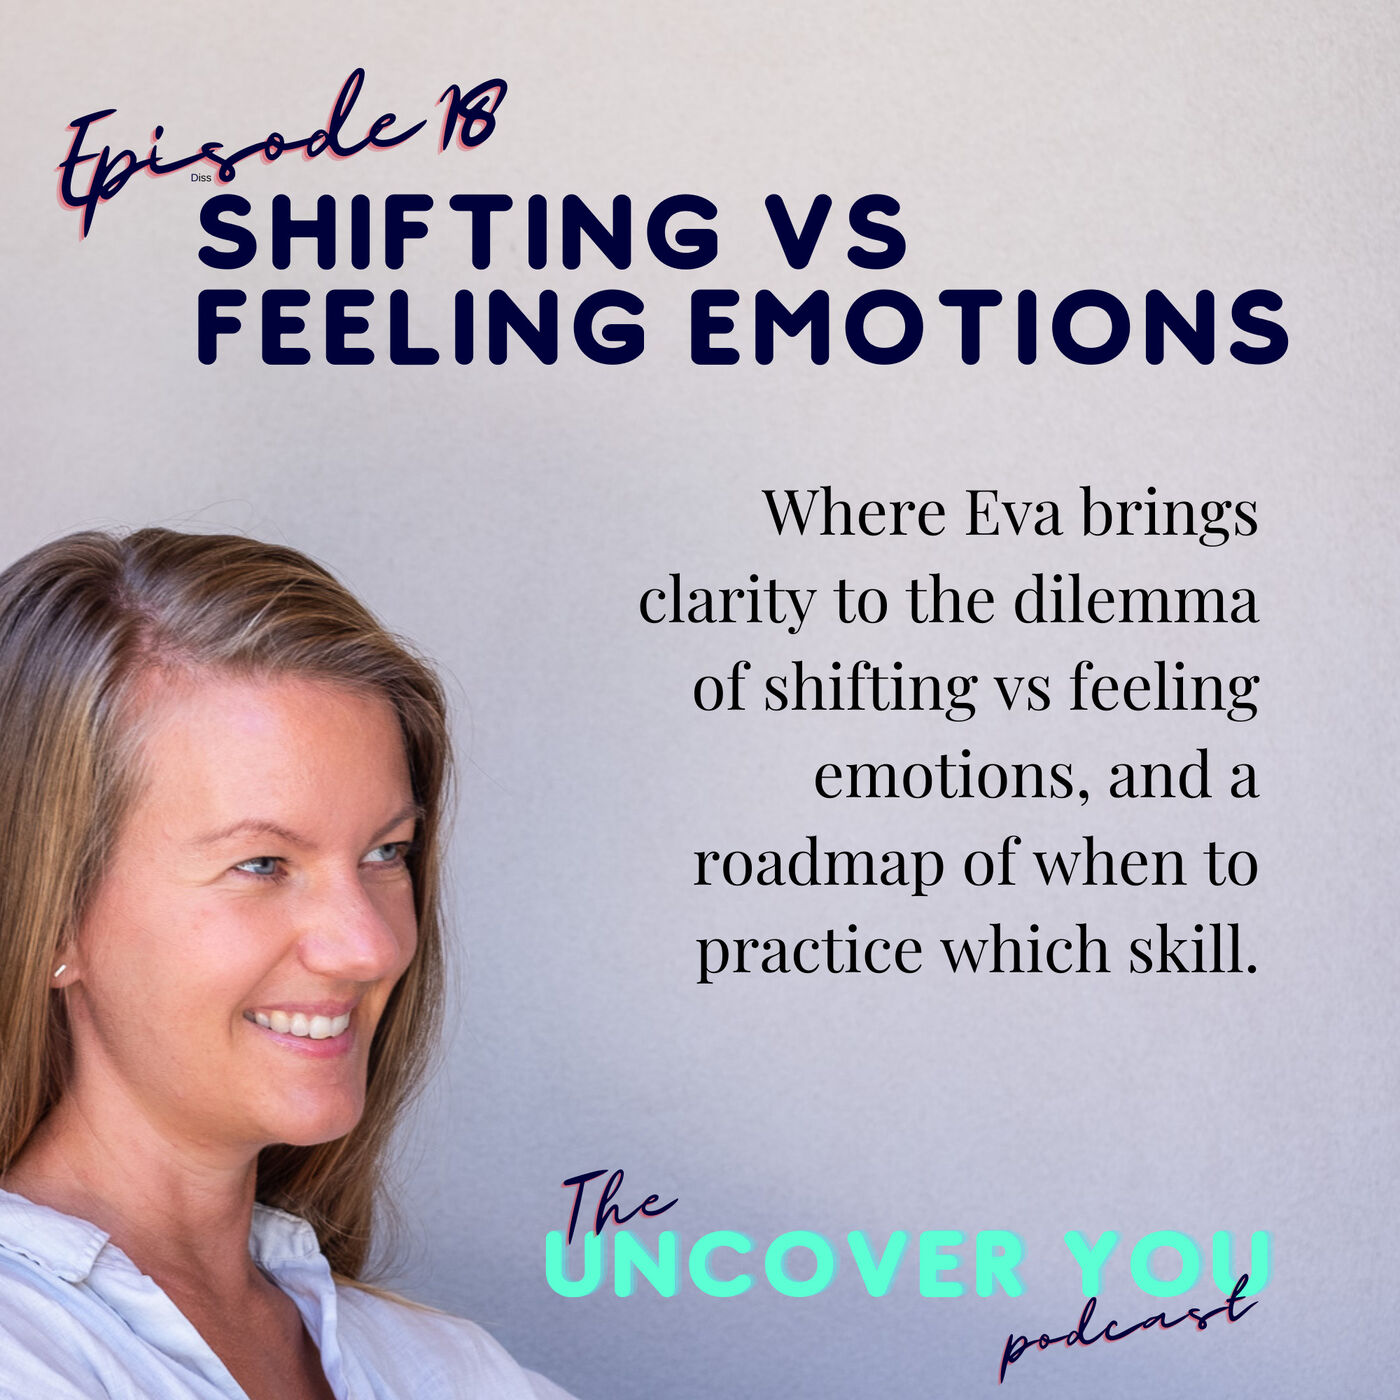 Ep 18: Shifting vs Feeling Emotions